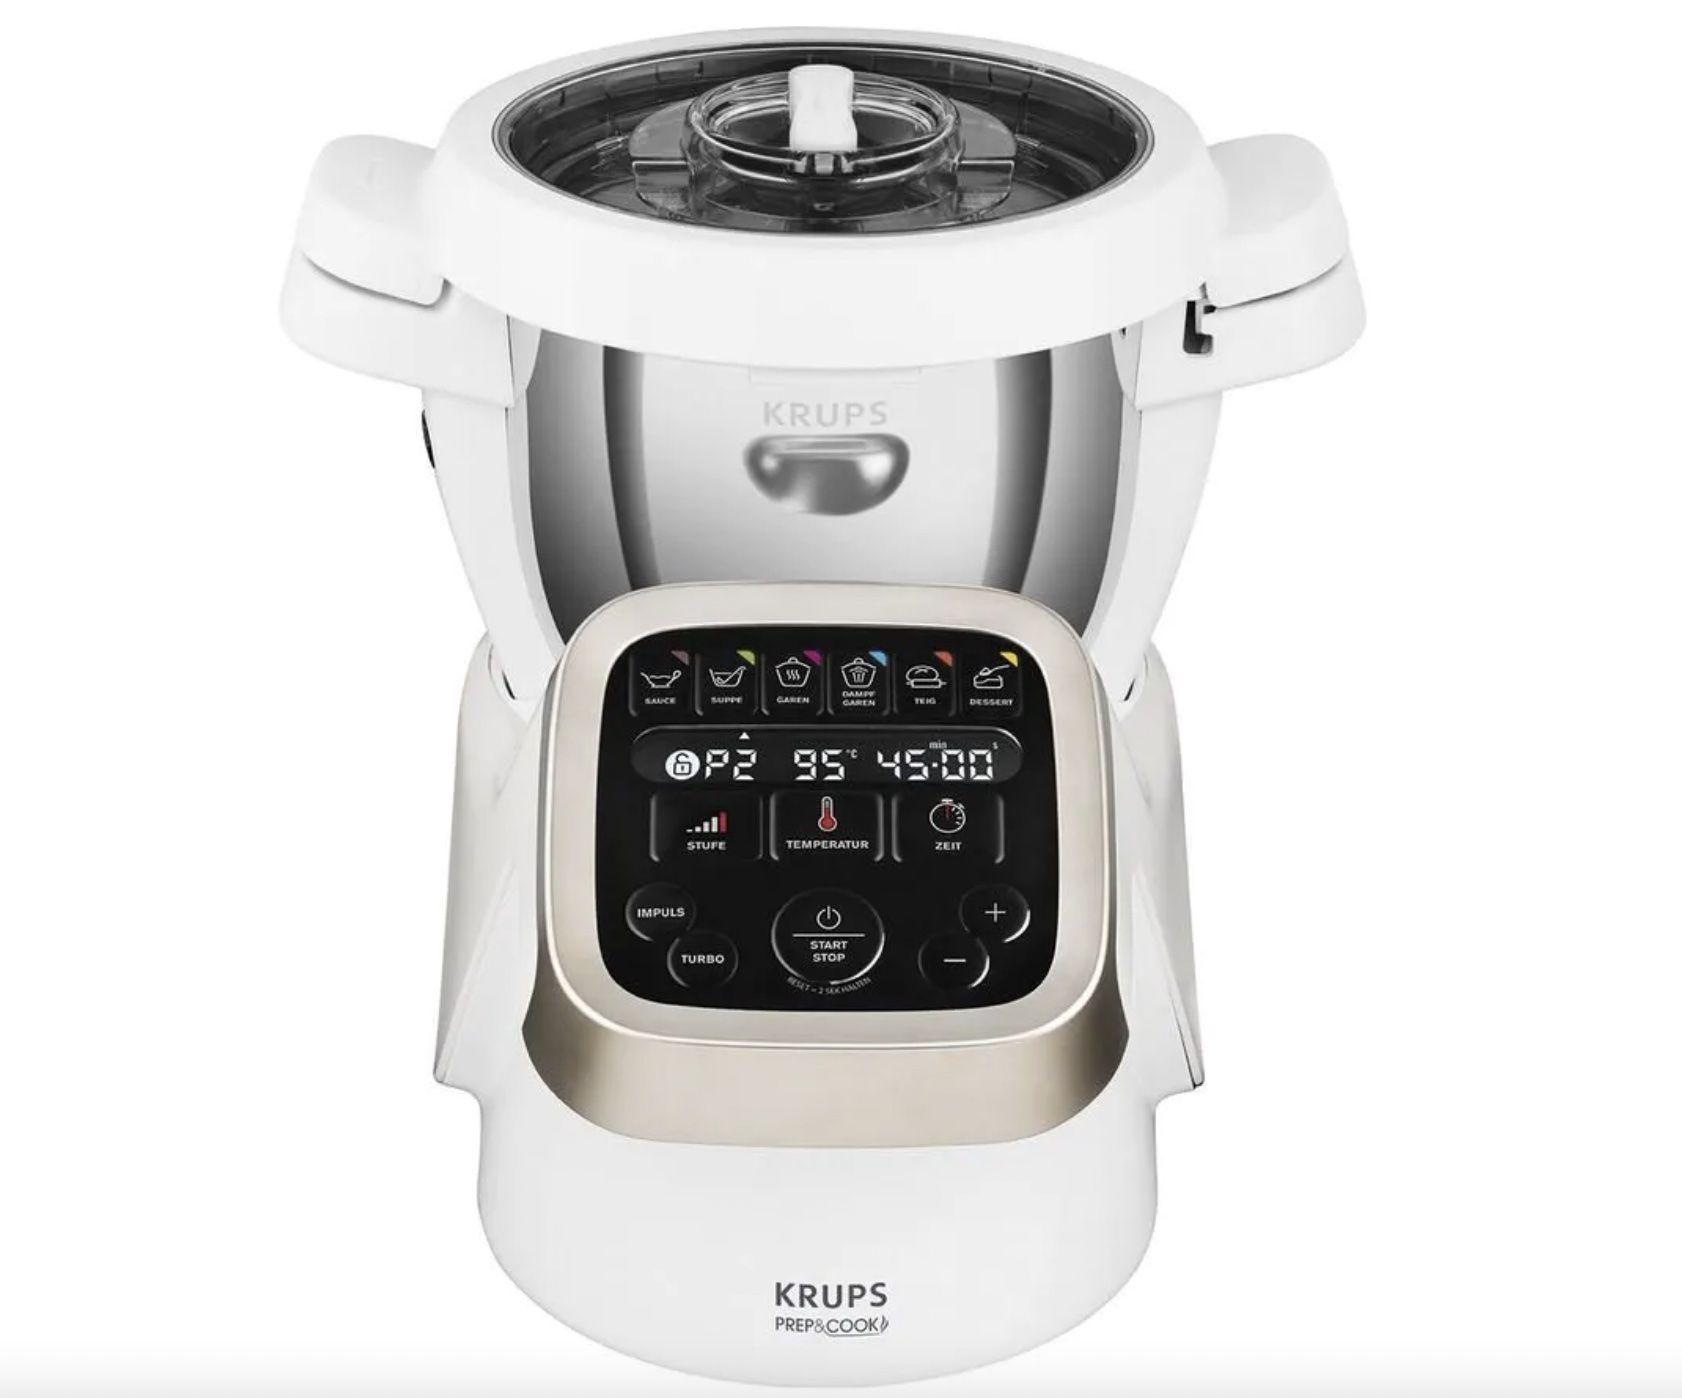 Krups Prep&Cook XL Multifunktionsküchenmaschine (1550 W) für 499,79€ (statt 586€)